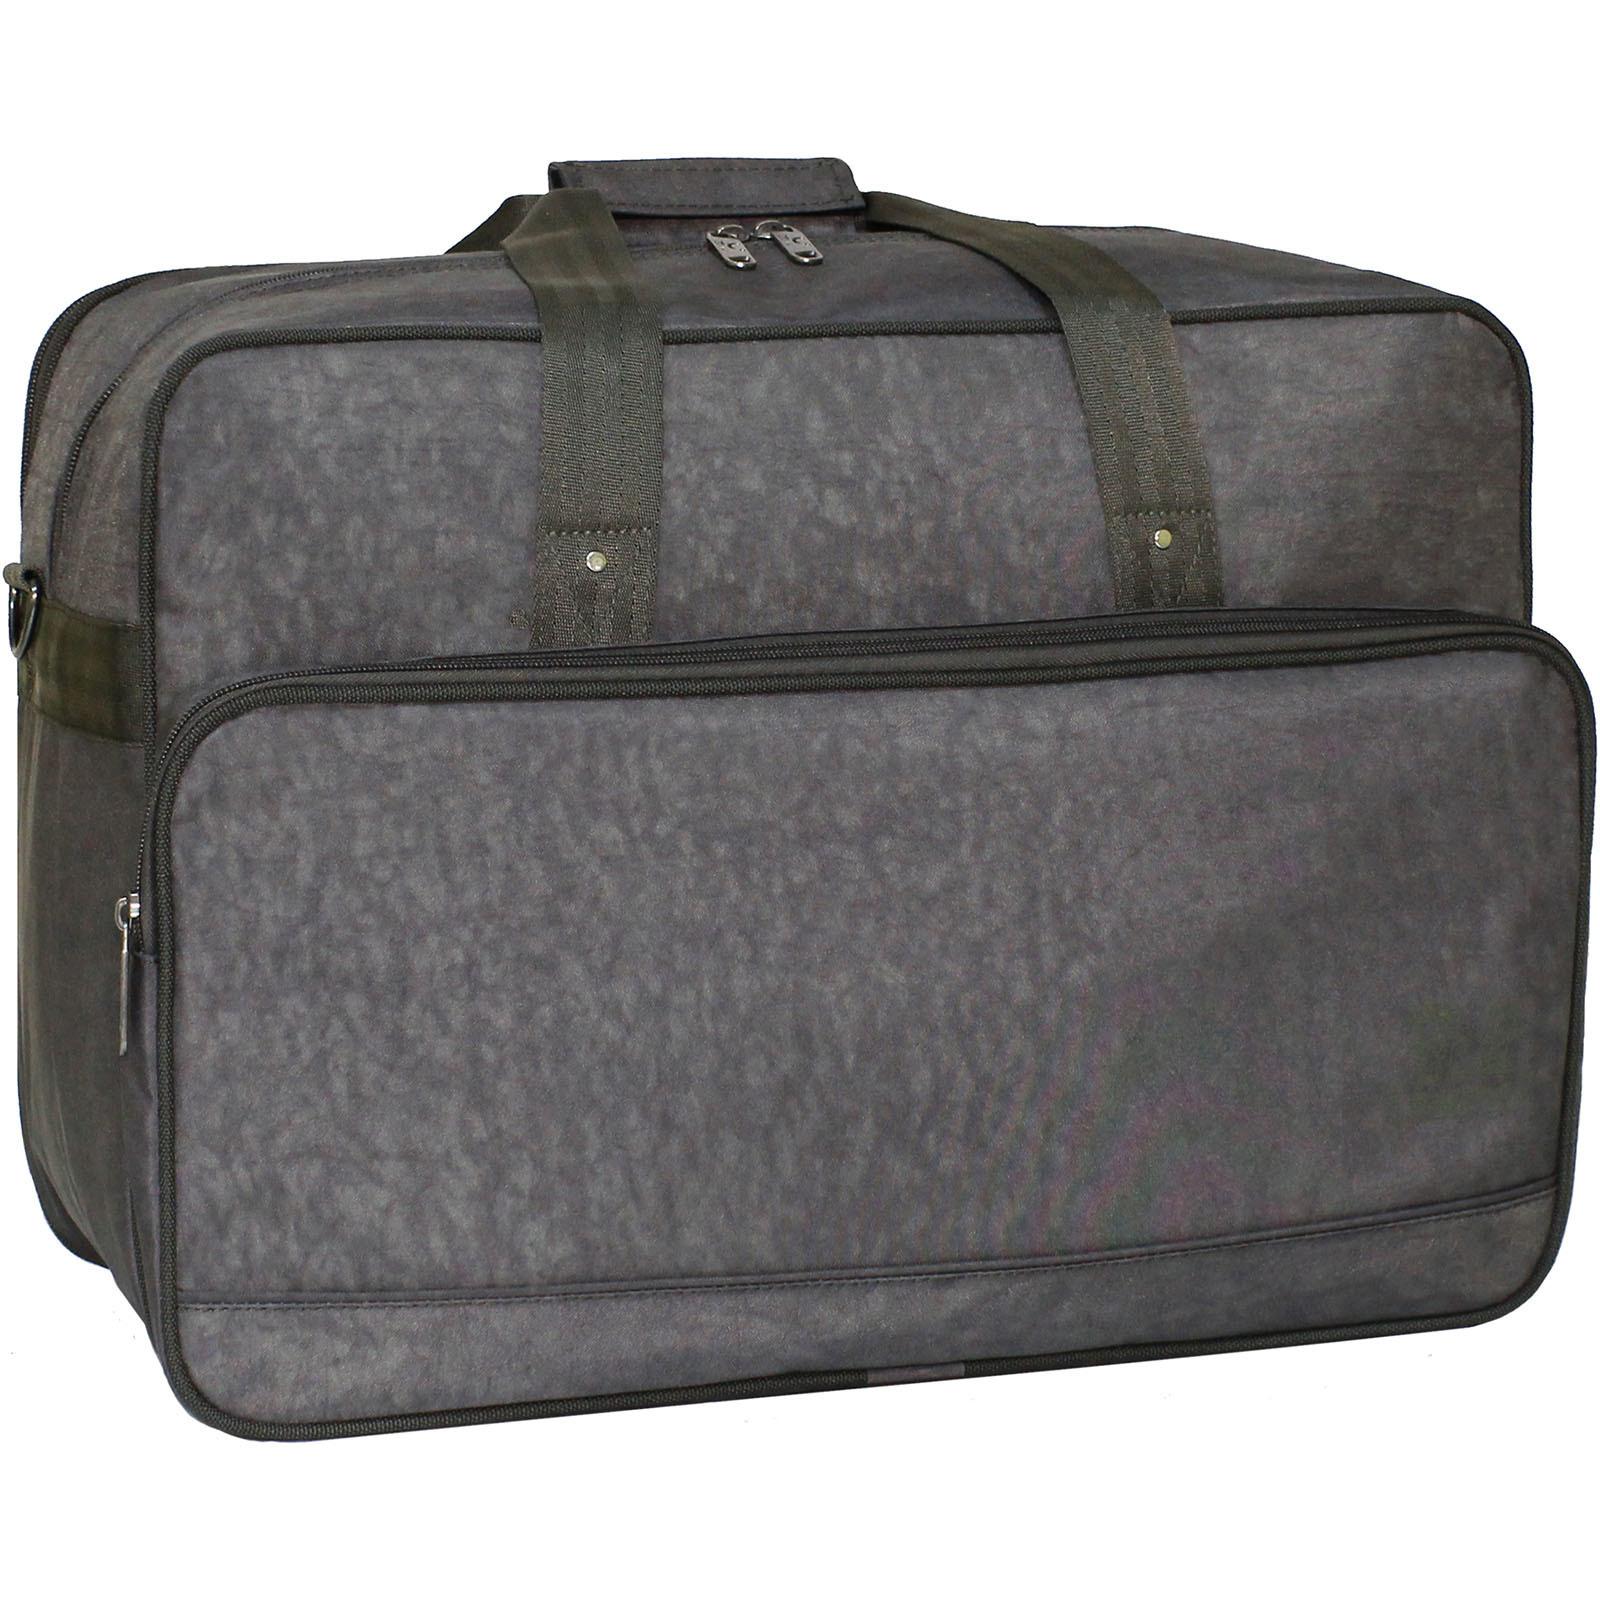 Дорожные сумки Дорожная сумка Bagland Рига 36 л. 327 хаки (0030370) IMG_3572.JPG